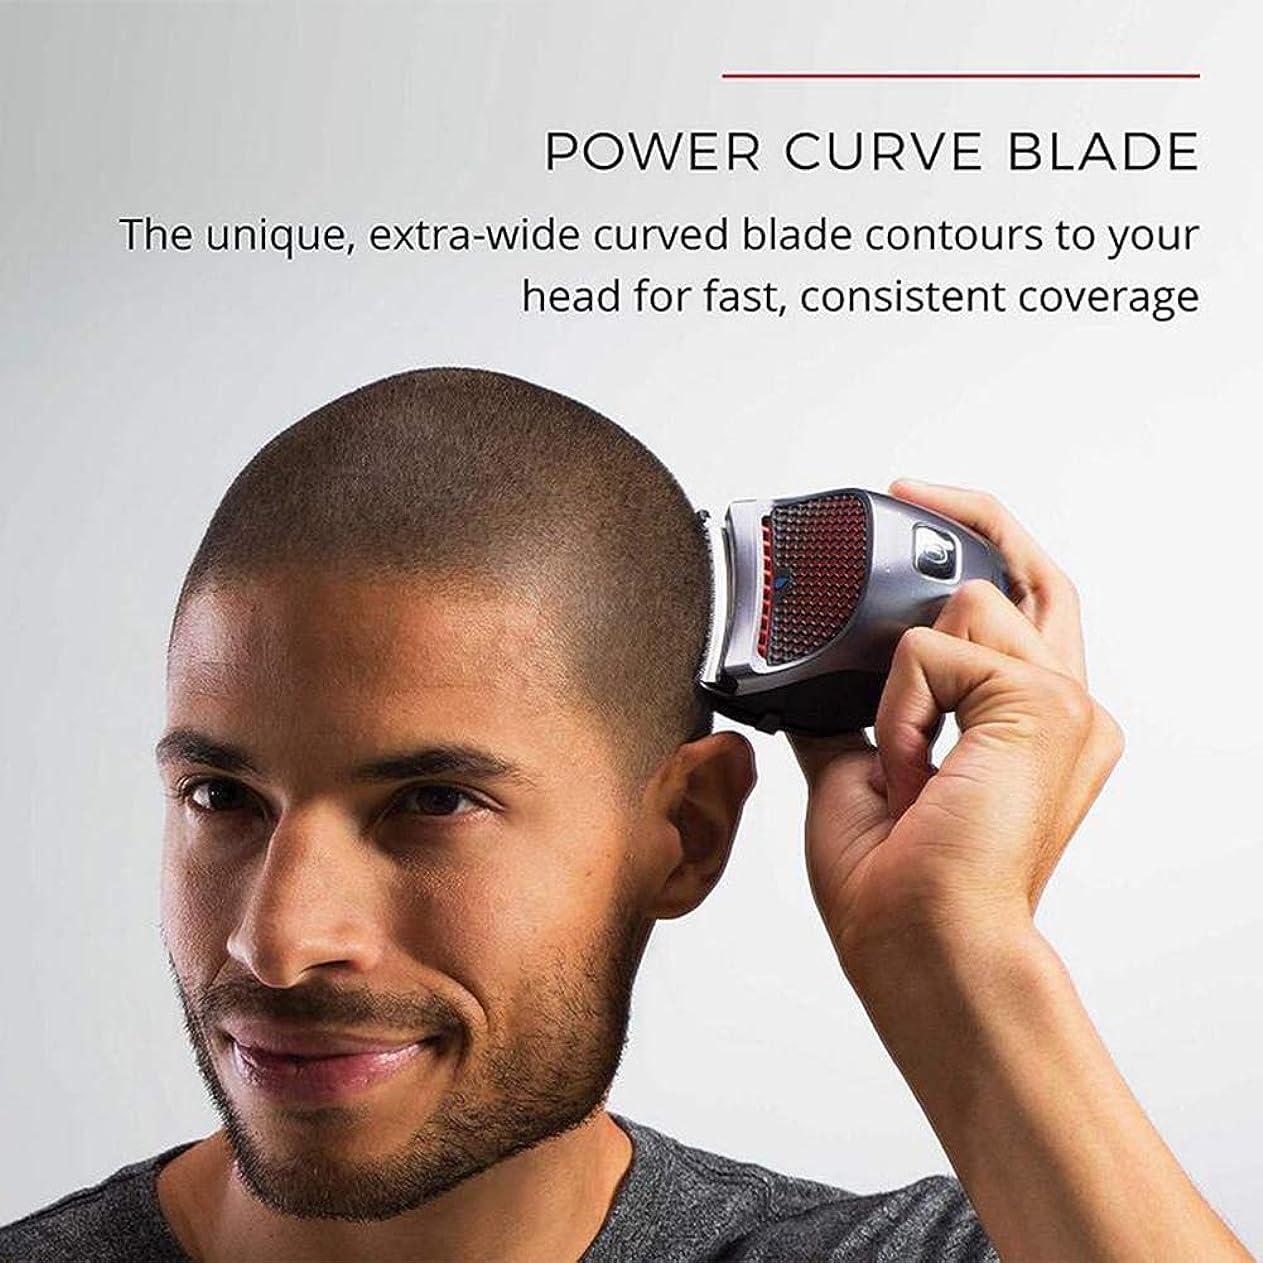 ネックレットヒューム匹敵します電気かみそりヘアトリマー男性シェーバーひげトリマーヘアクリッパーカミソリシェービングトリマーボディグルーマー脱毛